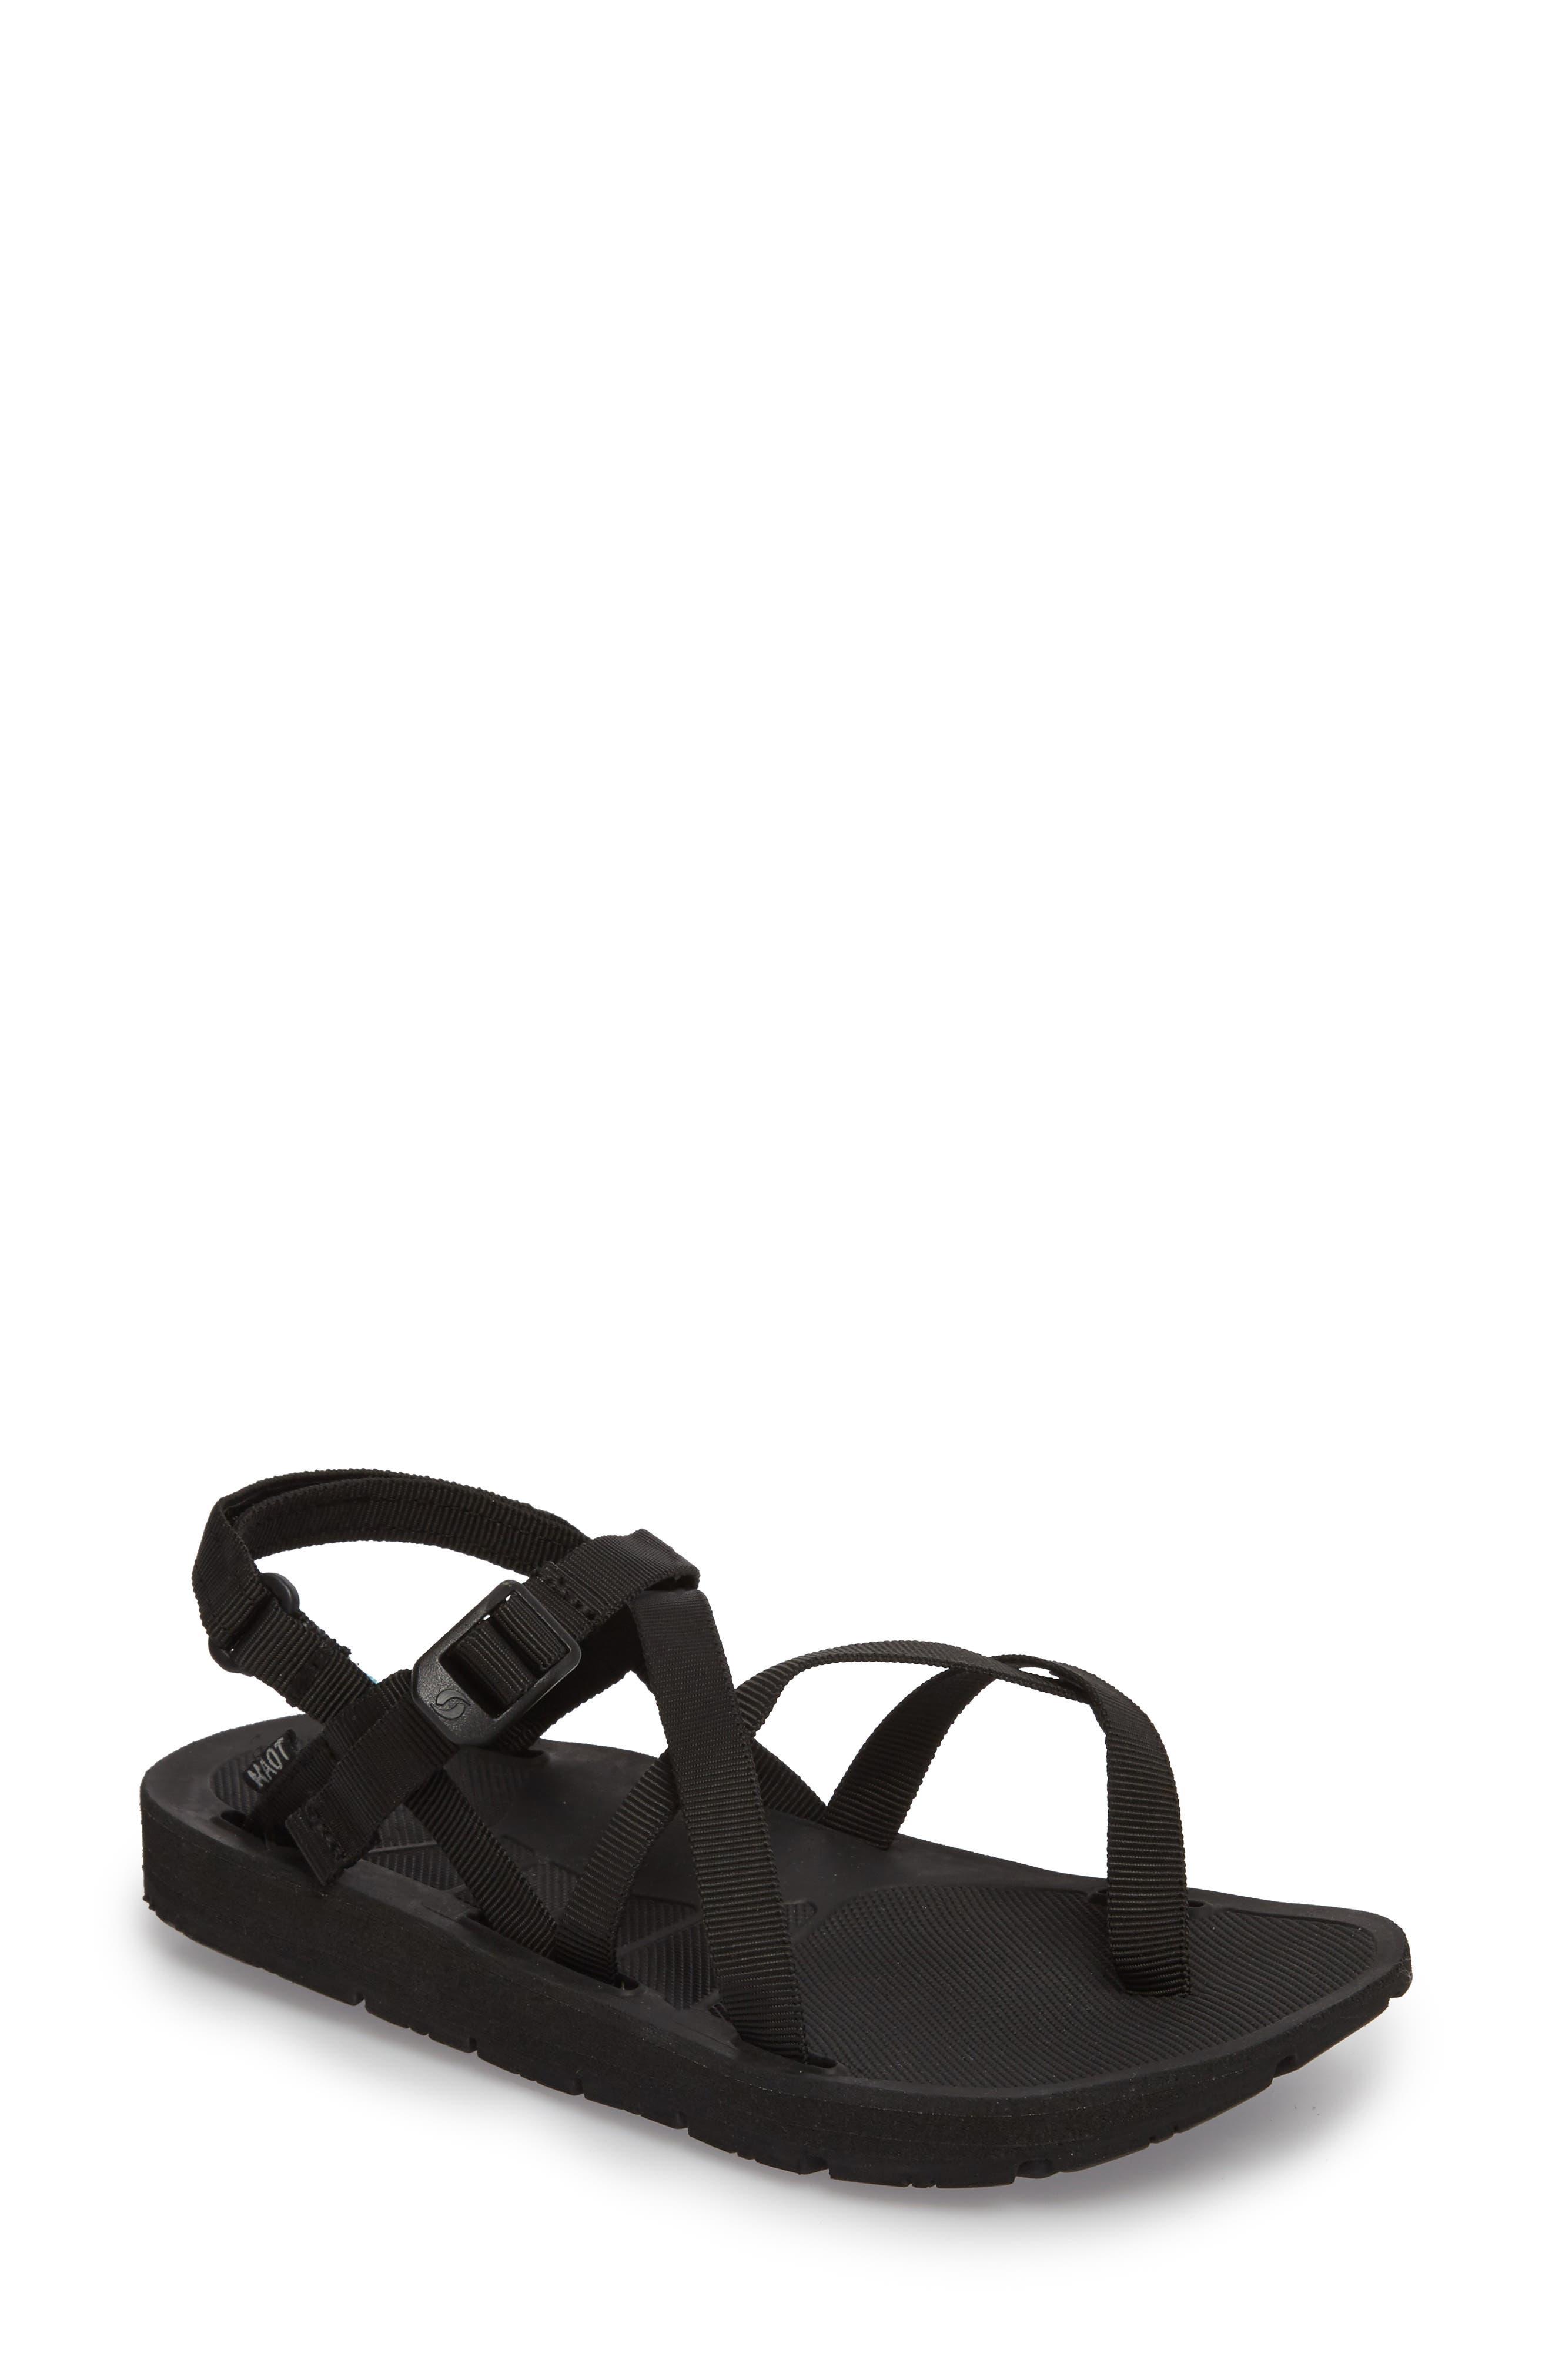 Shore Sandal,                             Main thumbnail 1, color,                             BLACK FABRIC